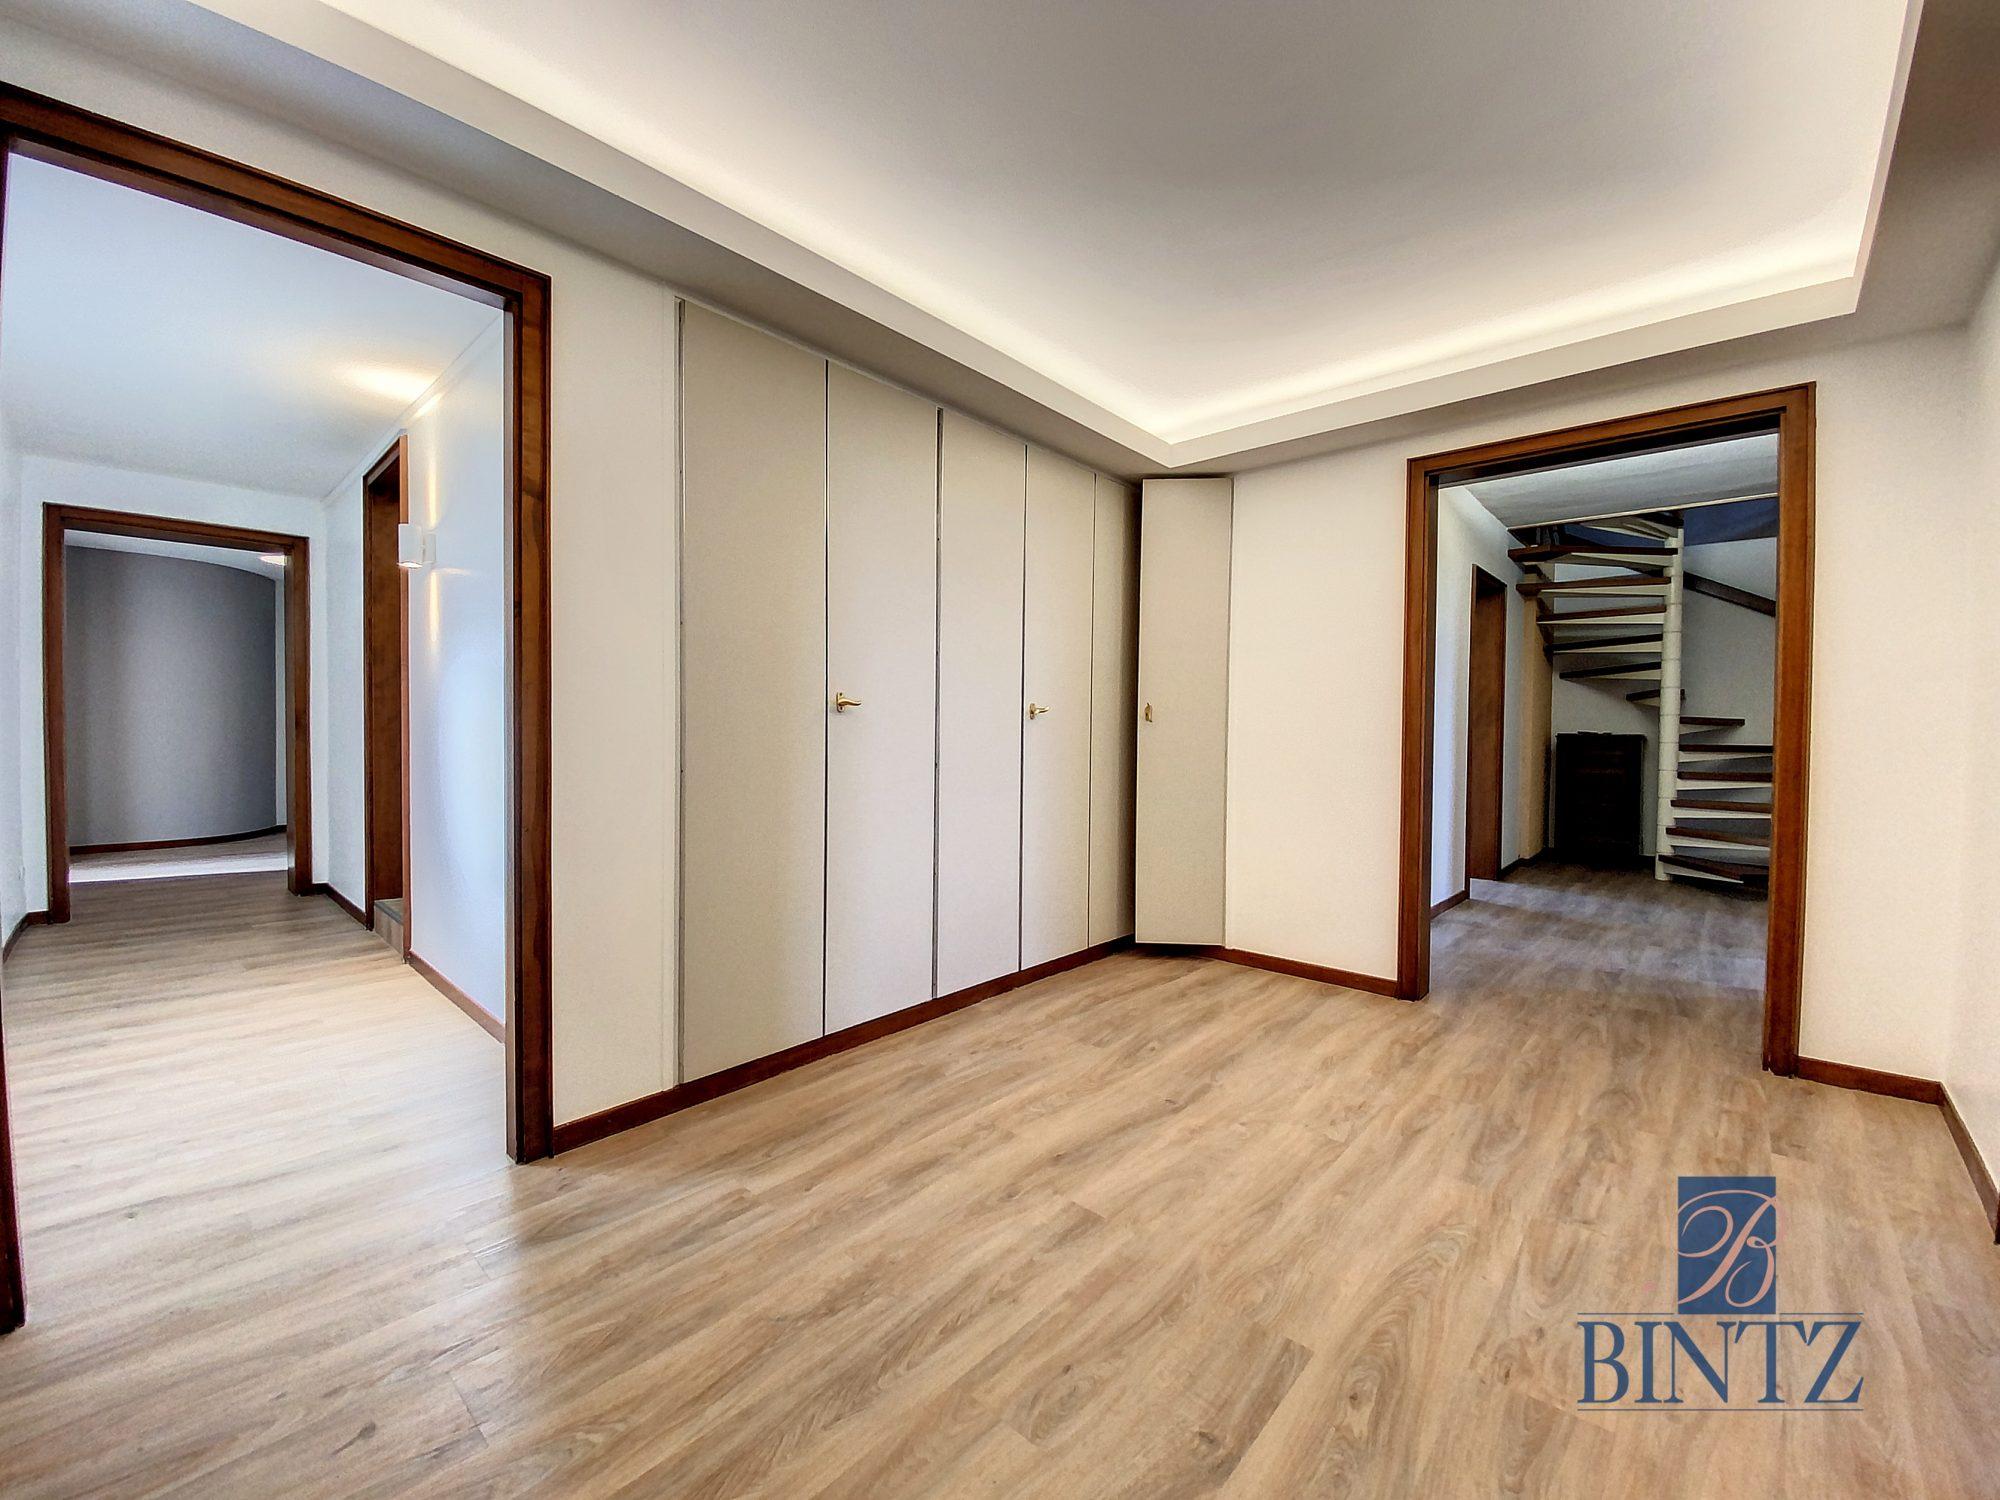 DUPLEX avec terrasse PLACE DE L'UNIVERSITÉ AVEC TERRASSE - Devenez locataire en toute sérénité - Bintz Immobilier - 12